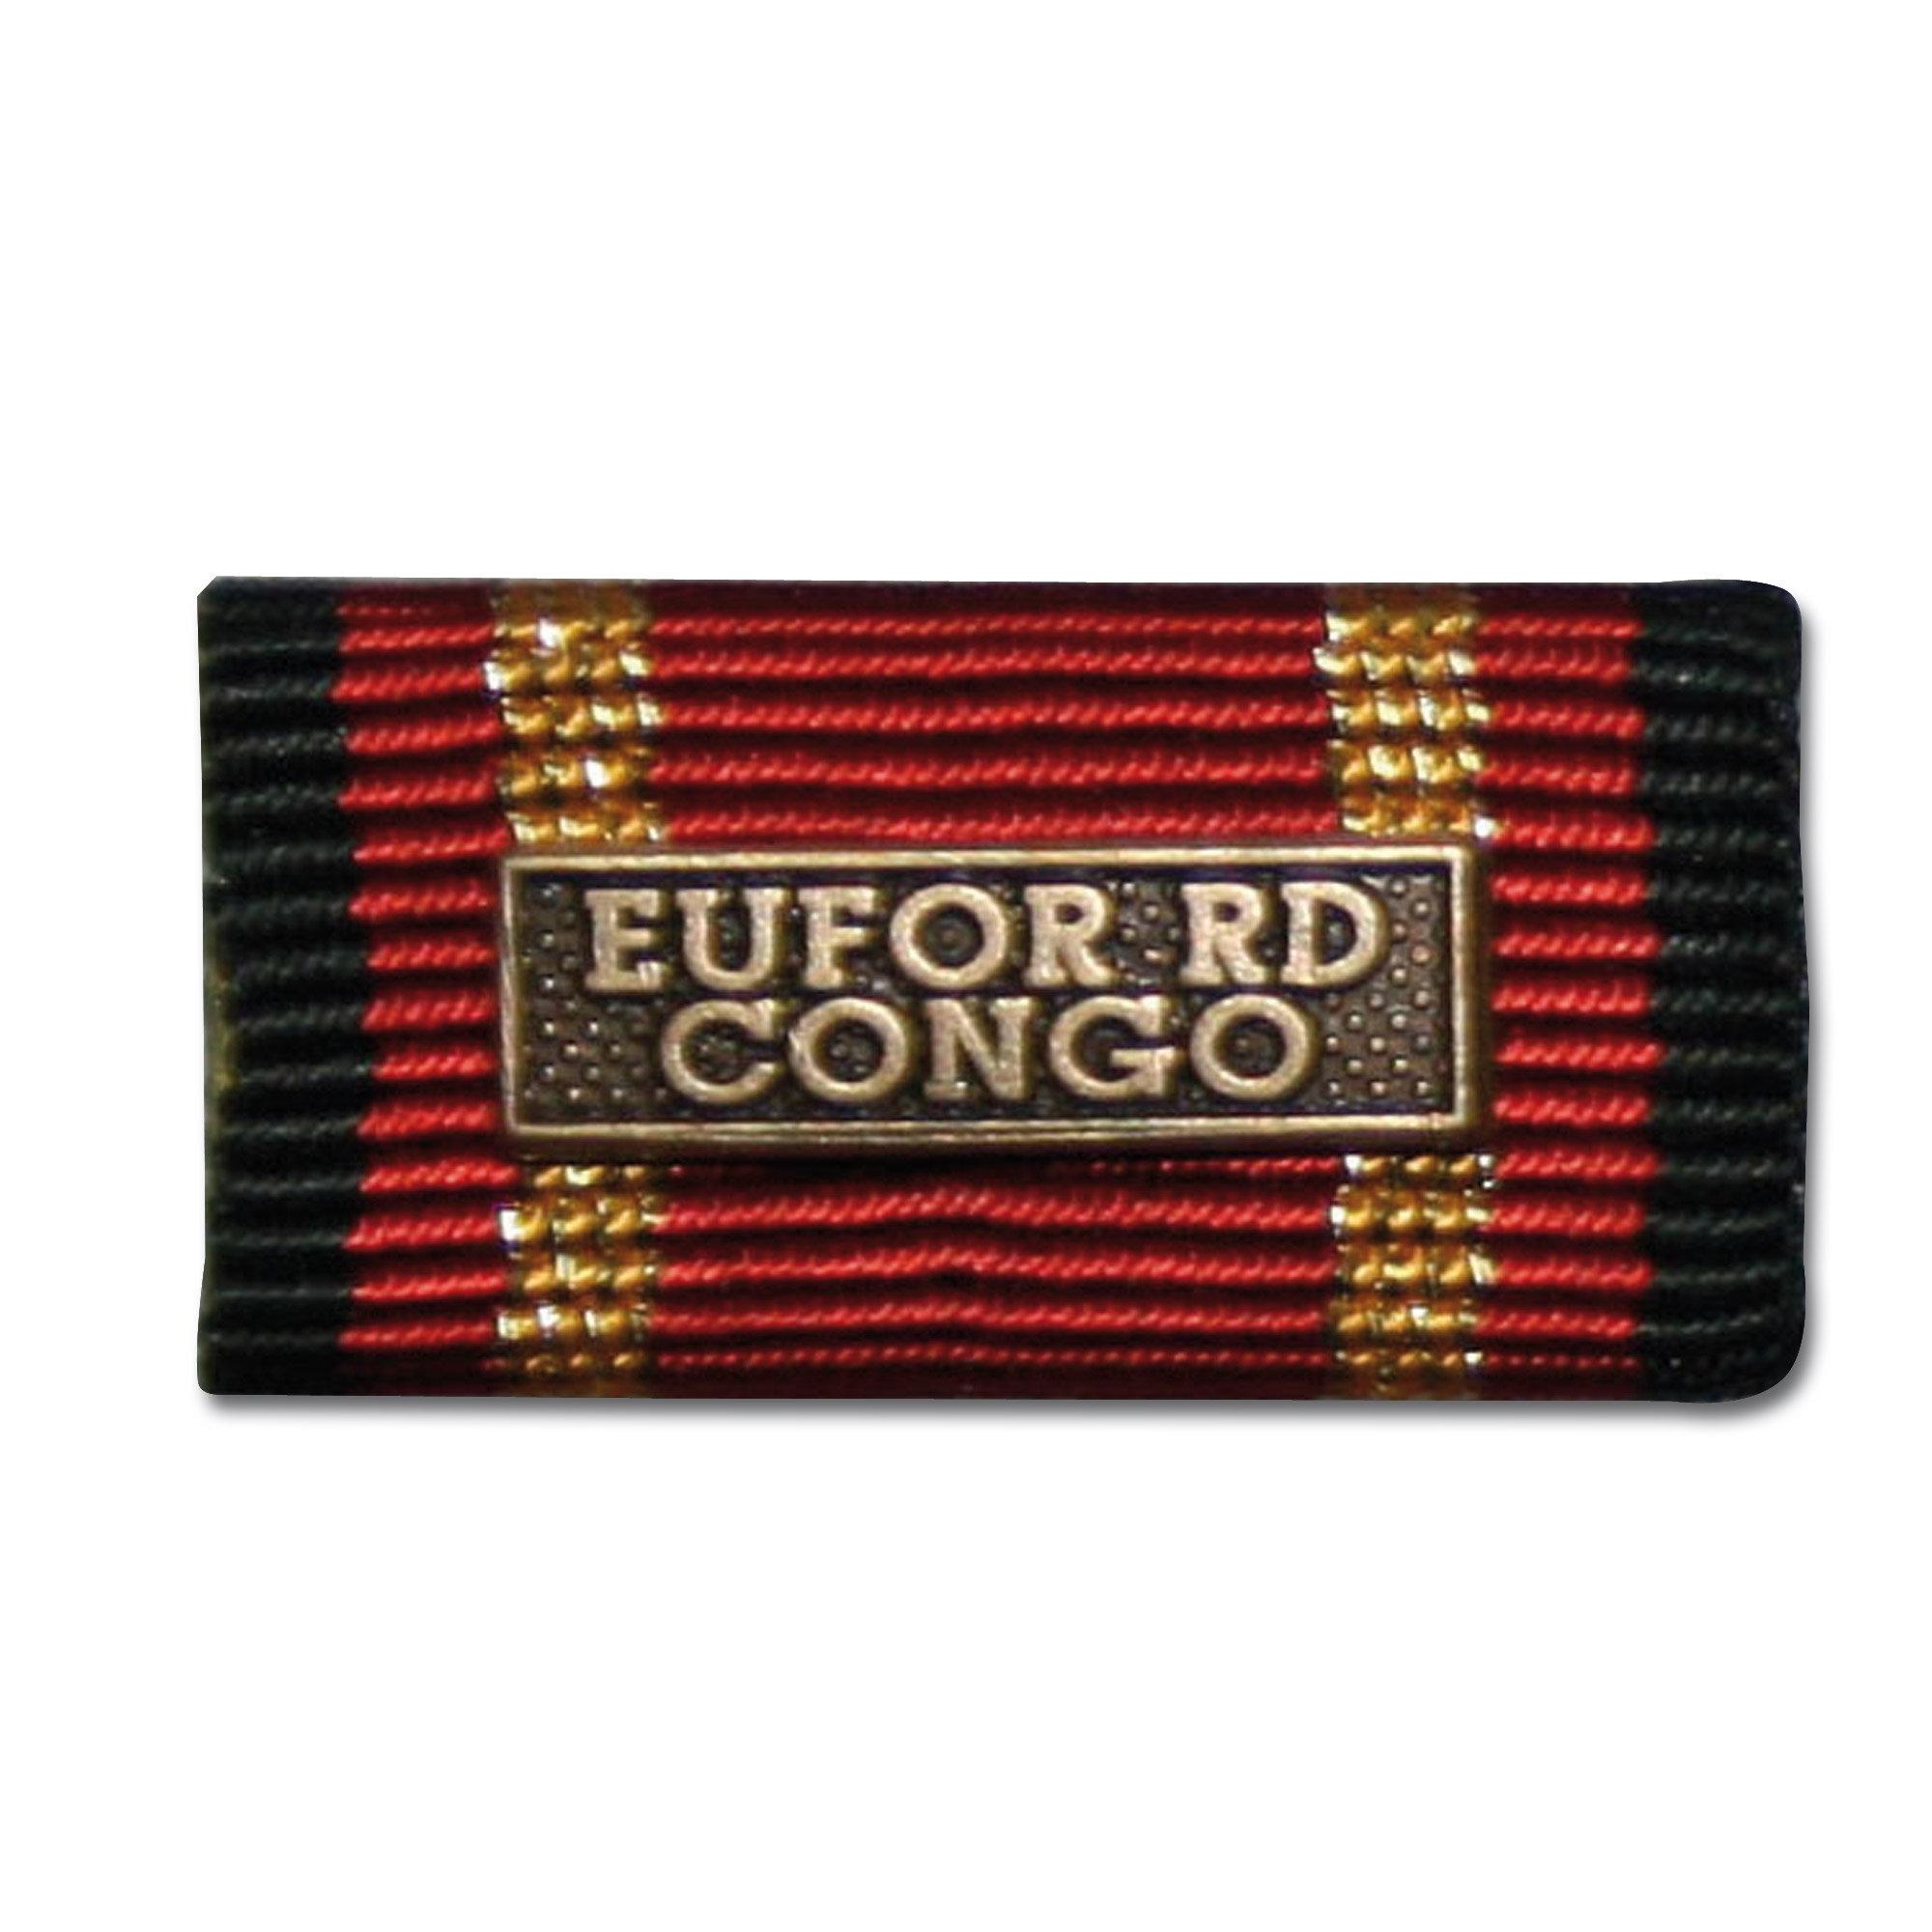 Ordensspange Auslandseinsatz EUFOR RD CONGO bronze